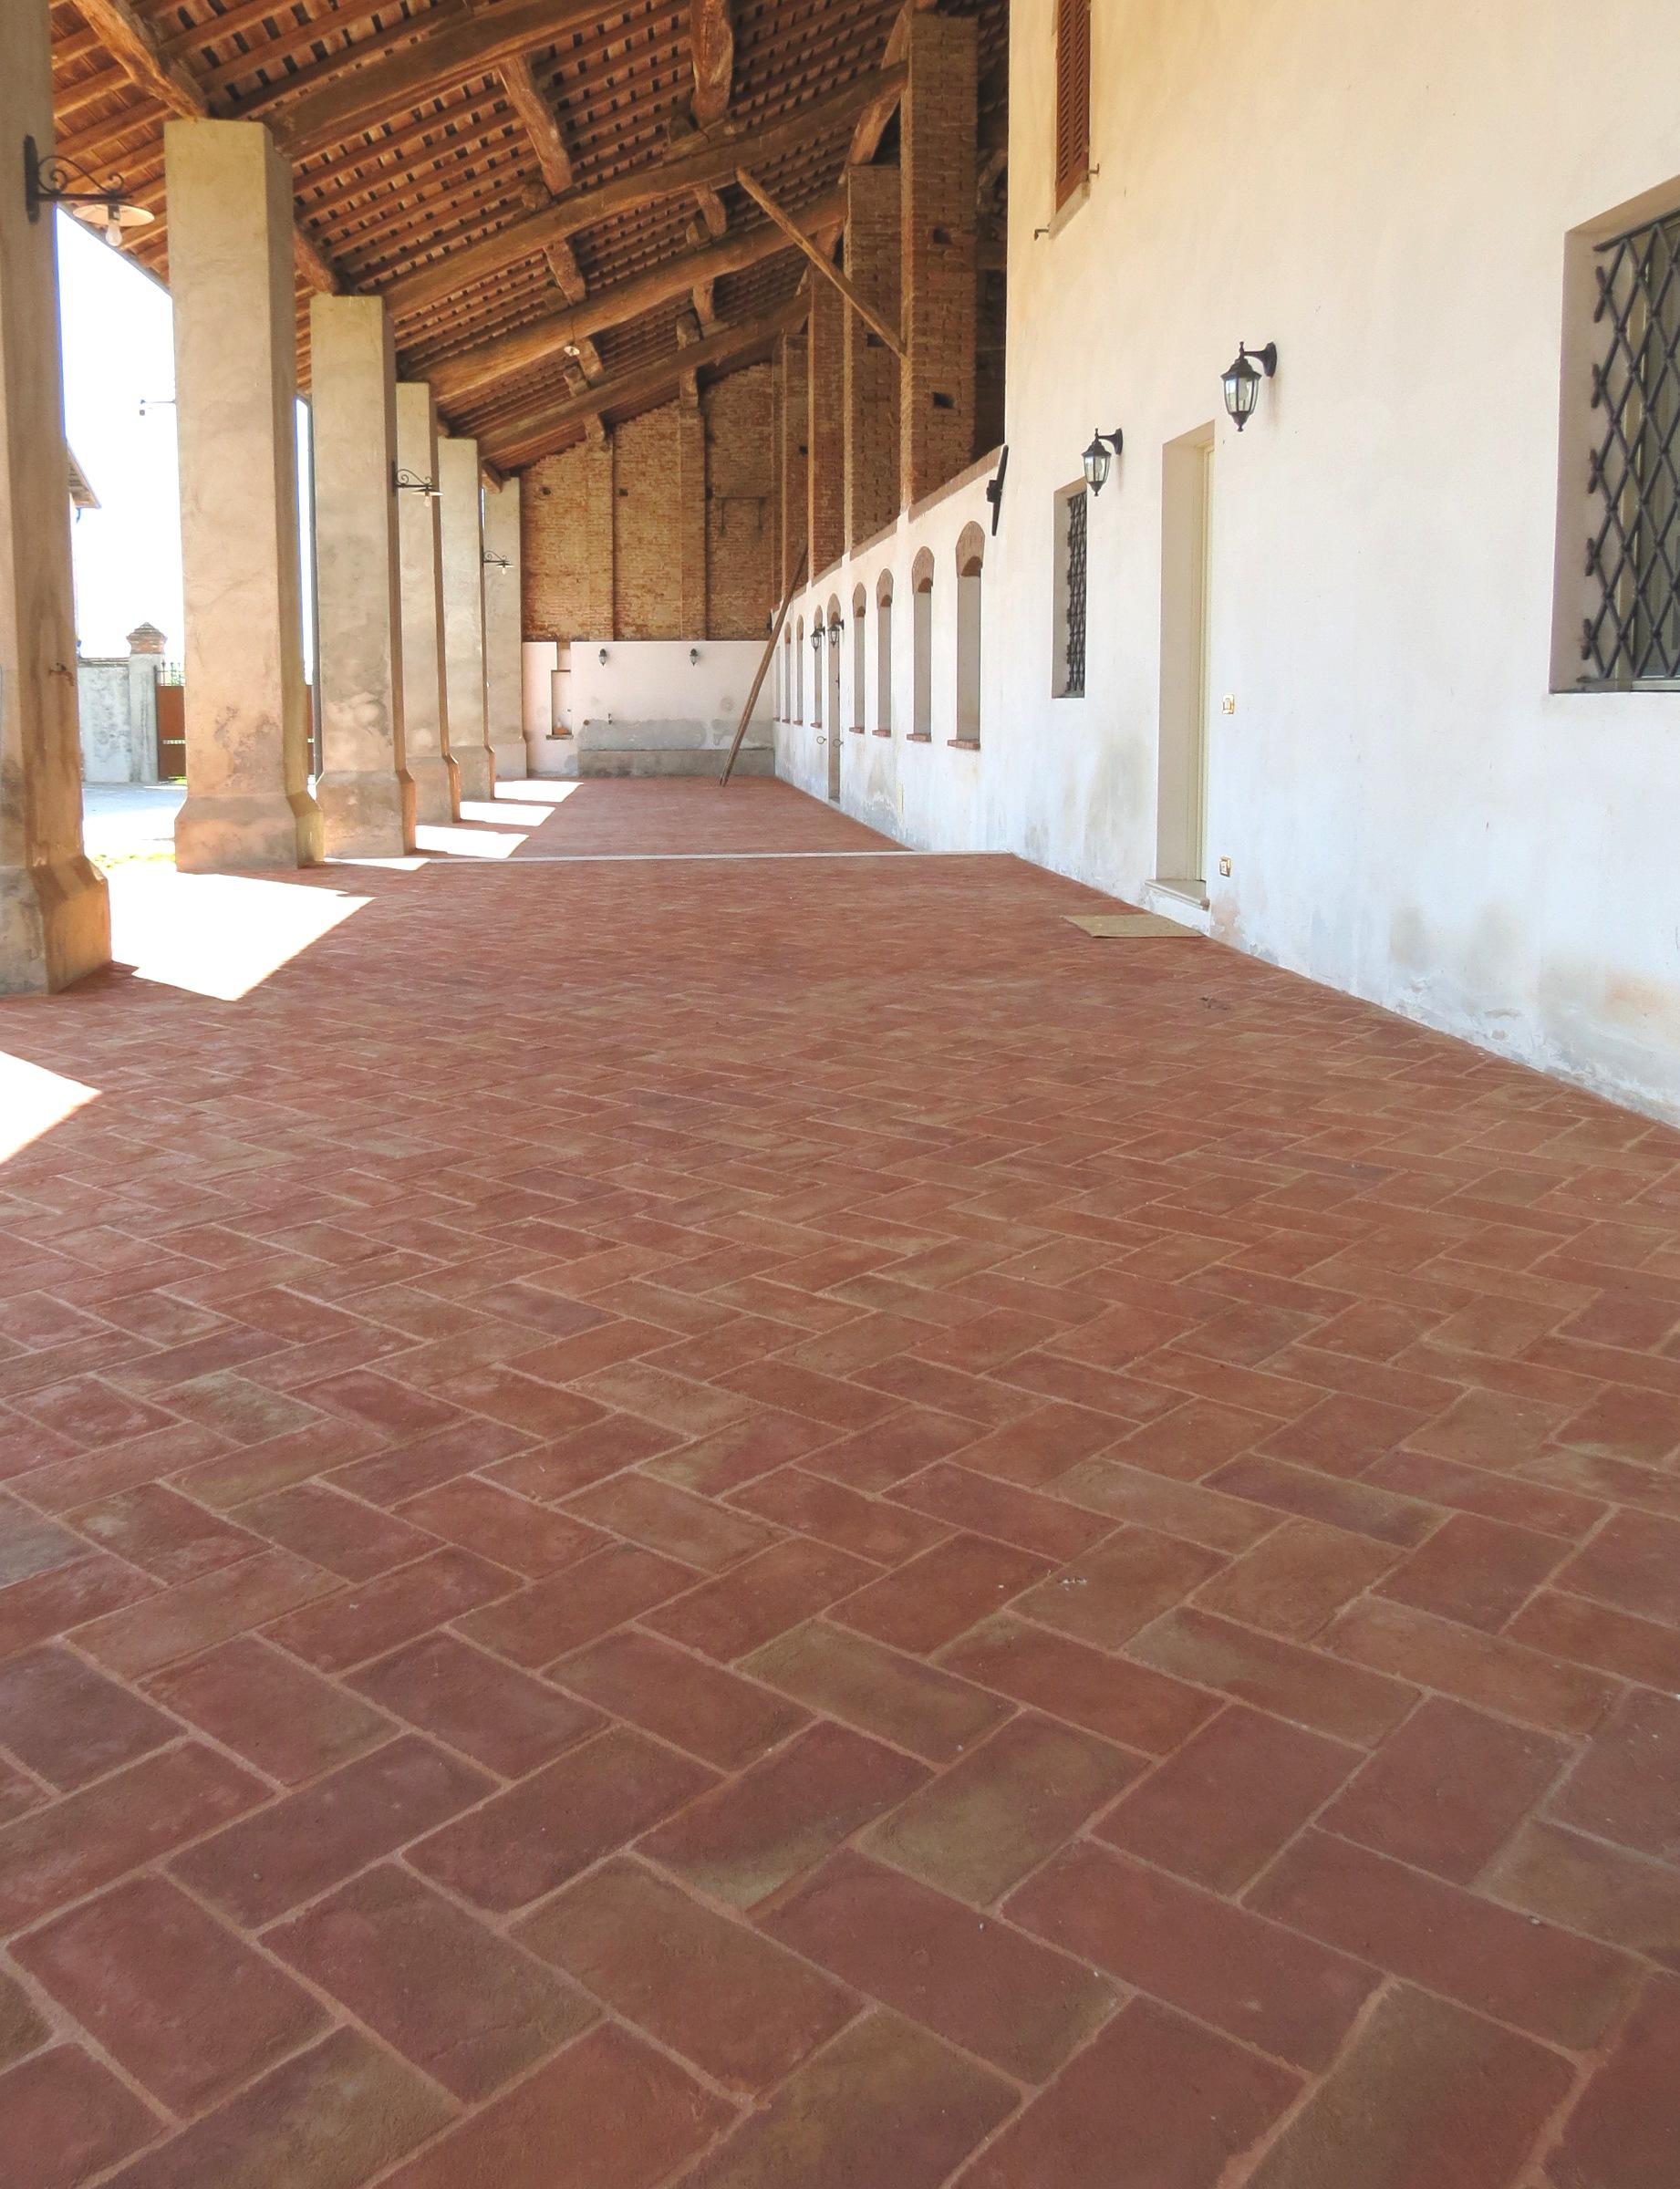 Pavimenti In Cotto A Spina Di Pesce : Cotto rustico u fornace brioni projects